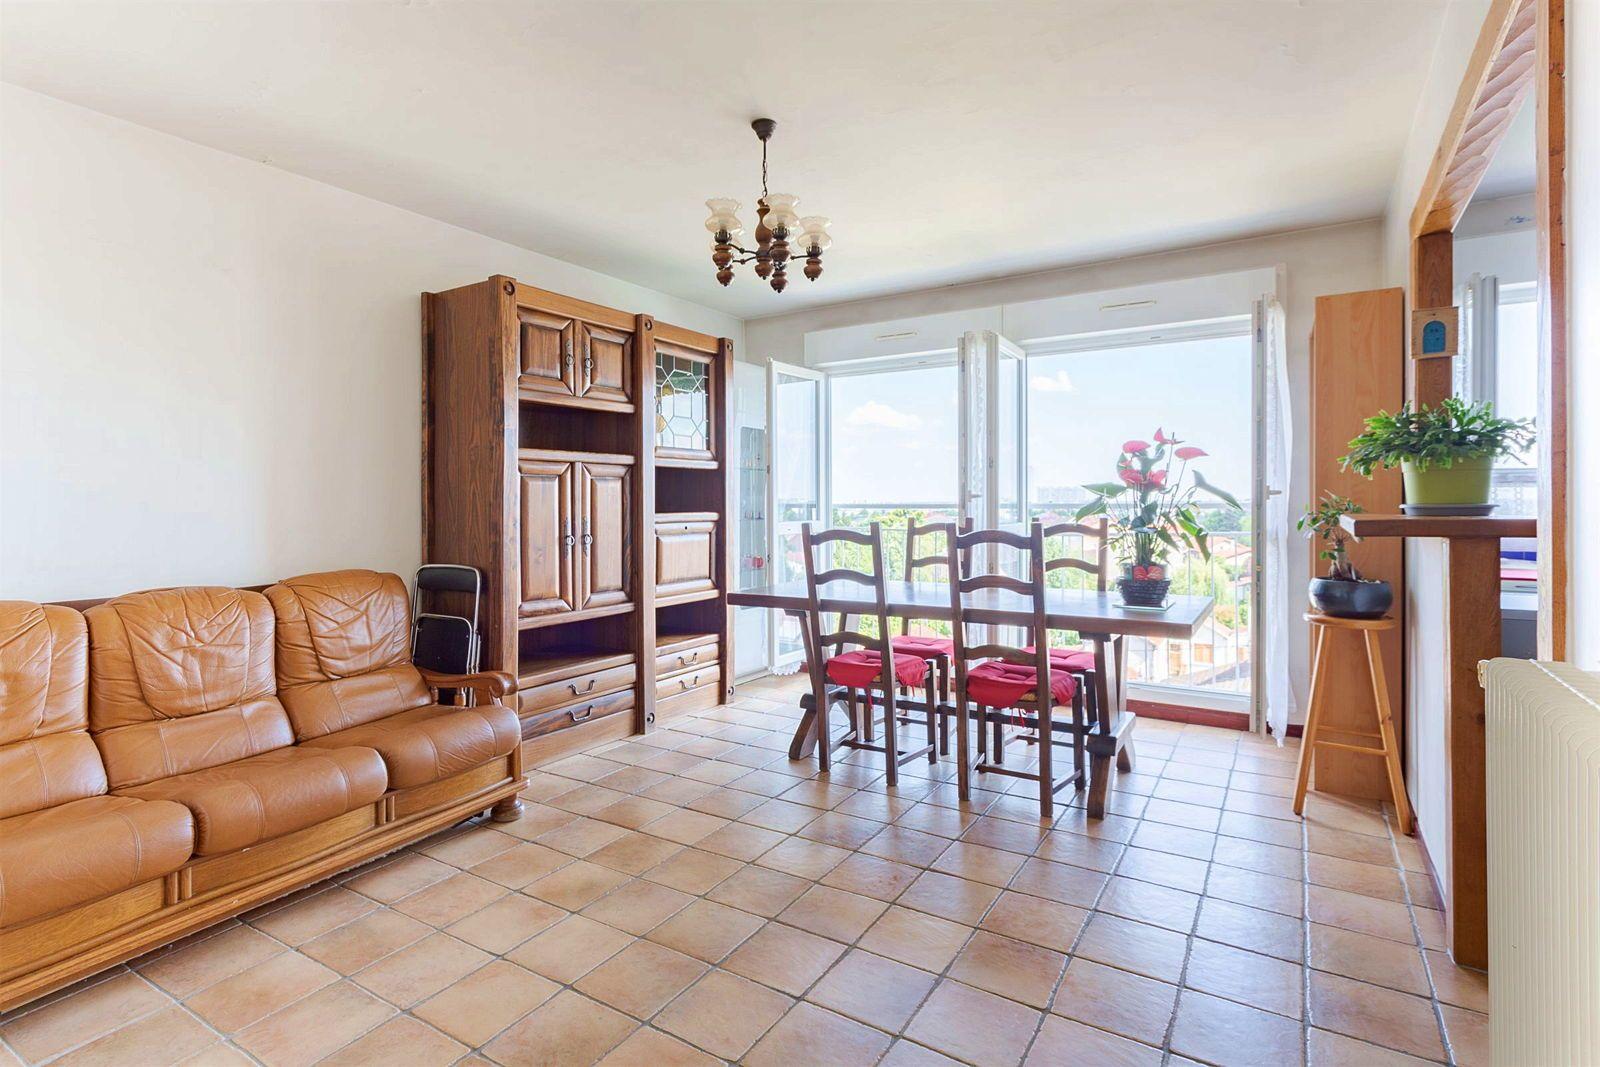 Vends appartement 4pièces + parking à Montreuil - 70m²